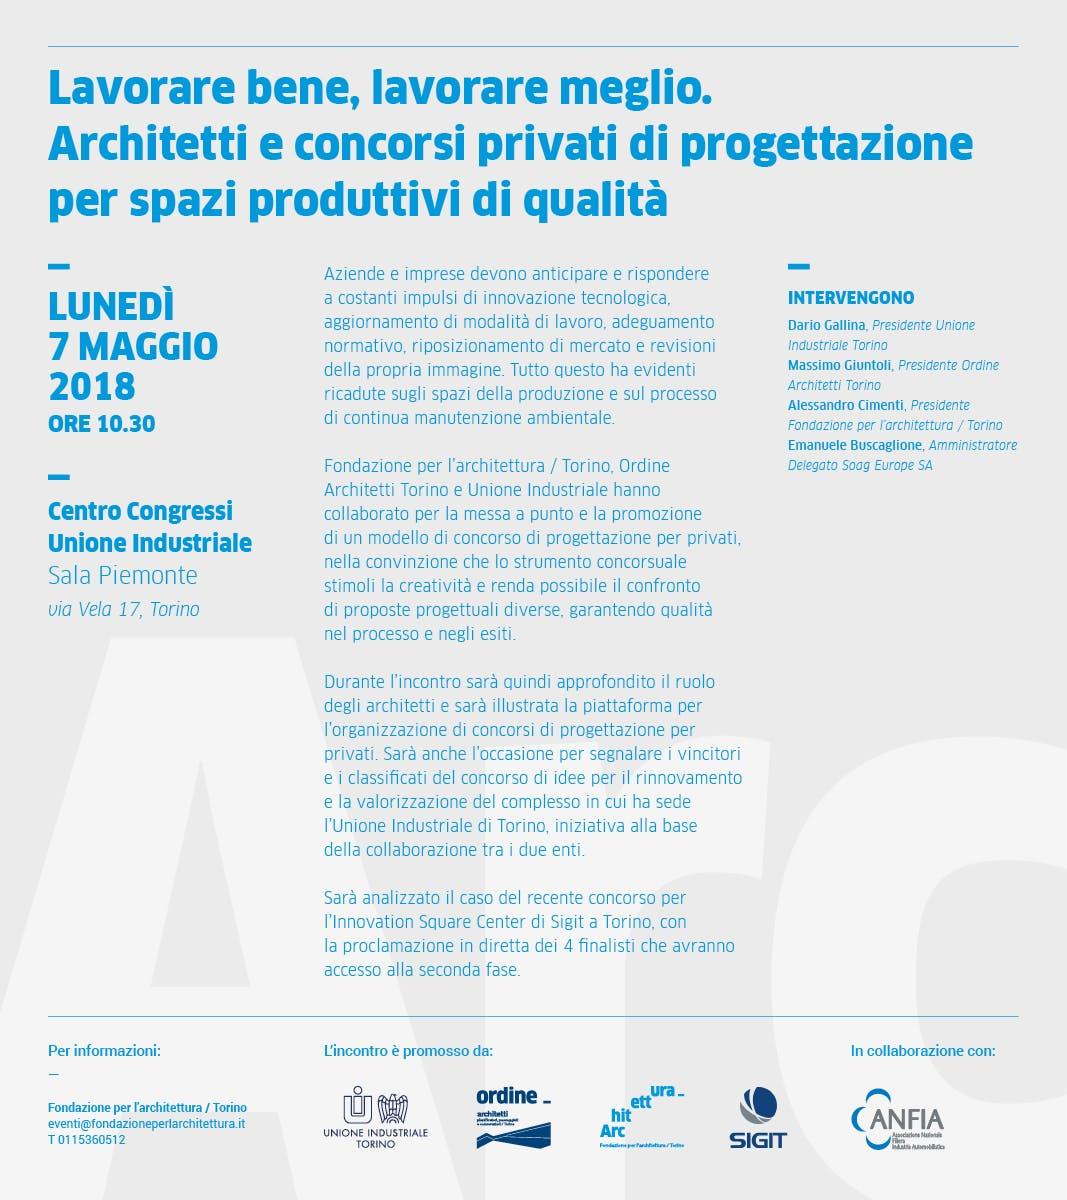 Lavoro Per Architetti Torino i finalisti del concorso innovation square center at